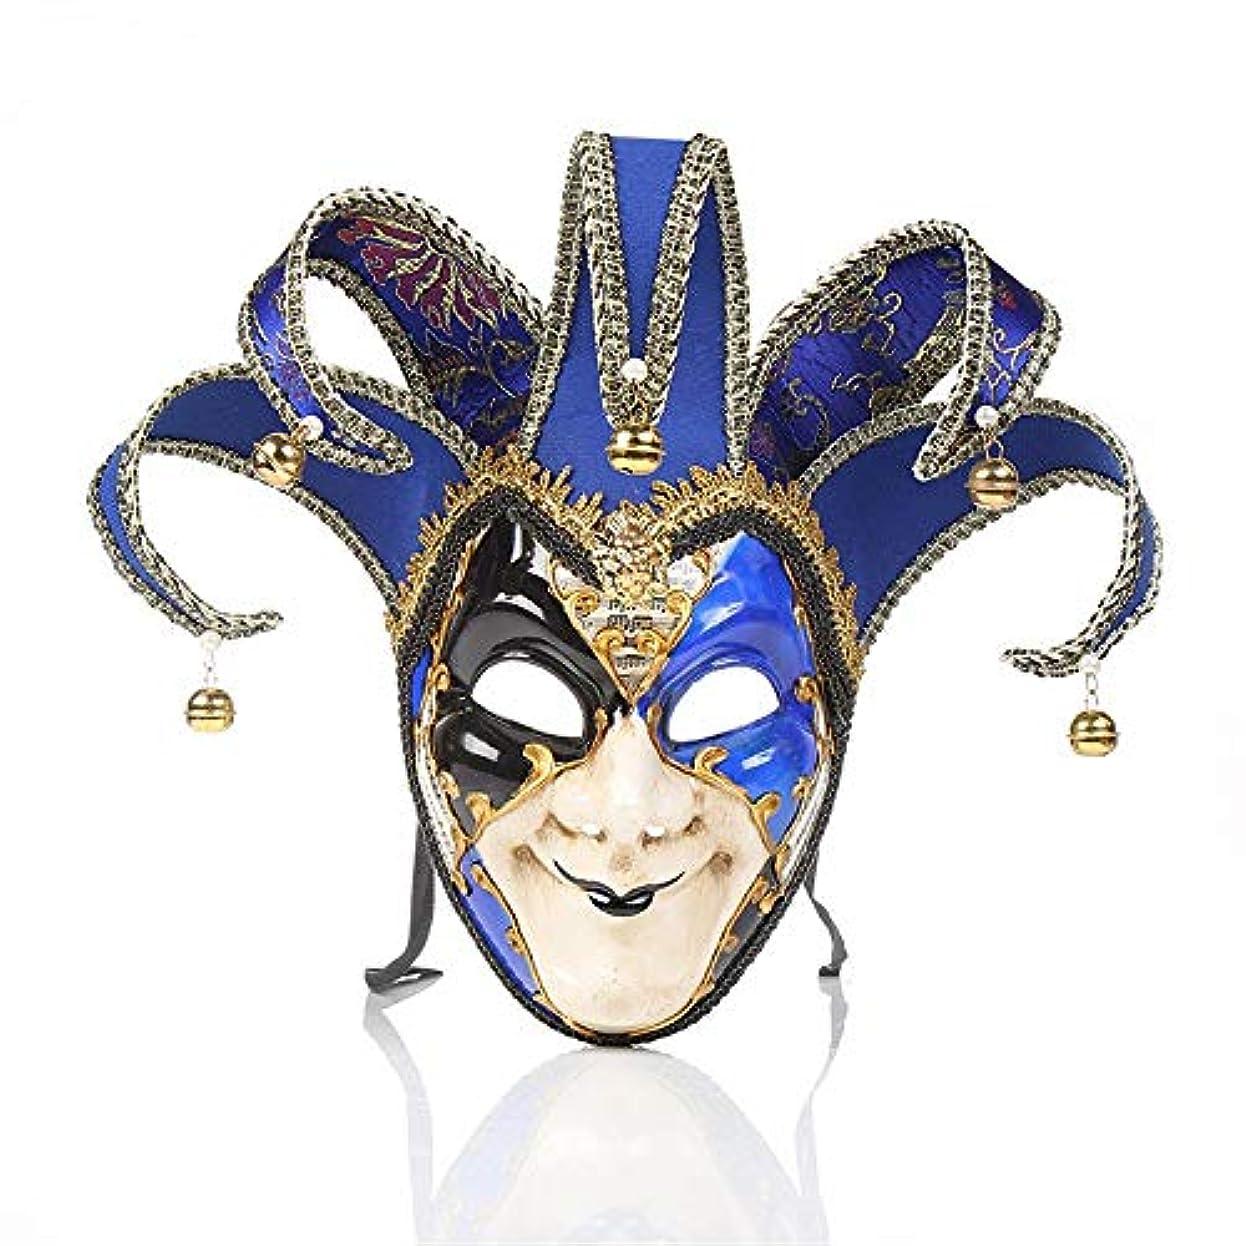 キリマンジャロ公気味の悪いダンスマスク ピエロマスクハロウィーンパフォーマンスパフォーマンス仮面舞踏会雰囲気用品祭りロールプレイングプラスチックマスク ホリデーパーティー用品 (色 : 青, サイズ : 39x33cm)